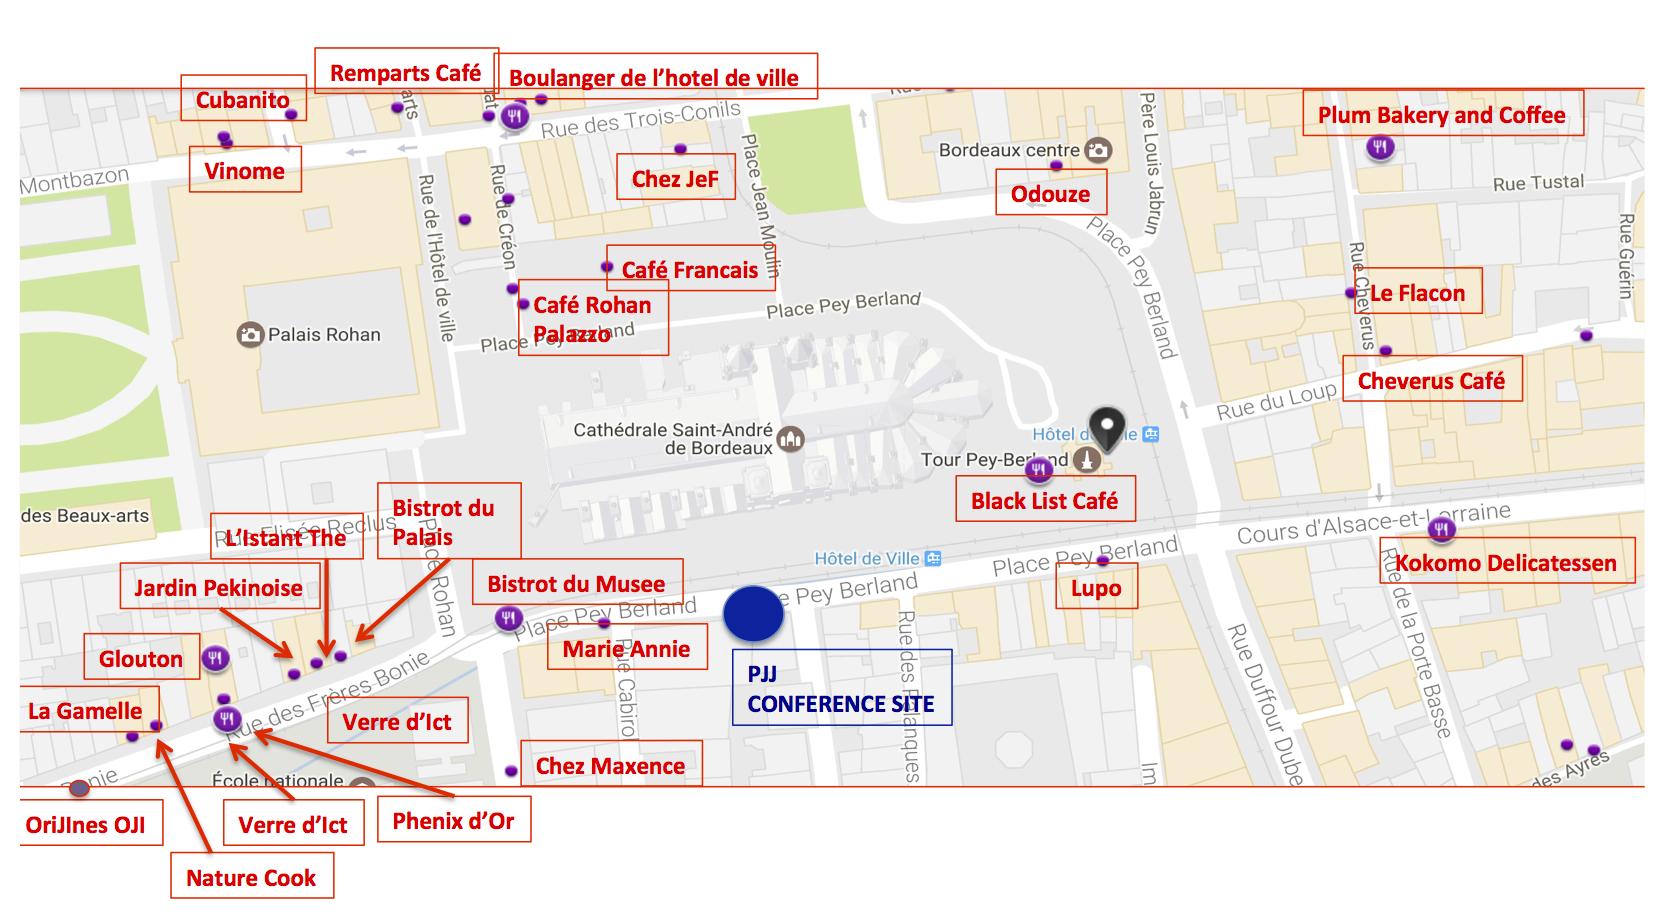 Nearby_Restaurants